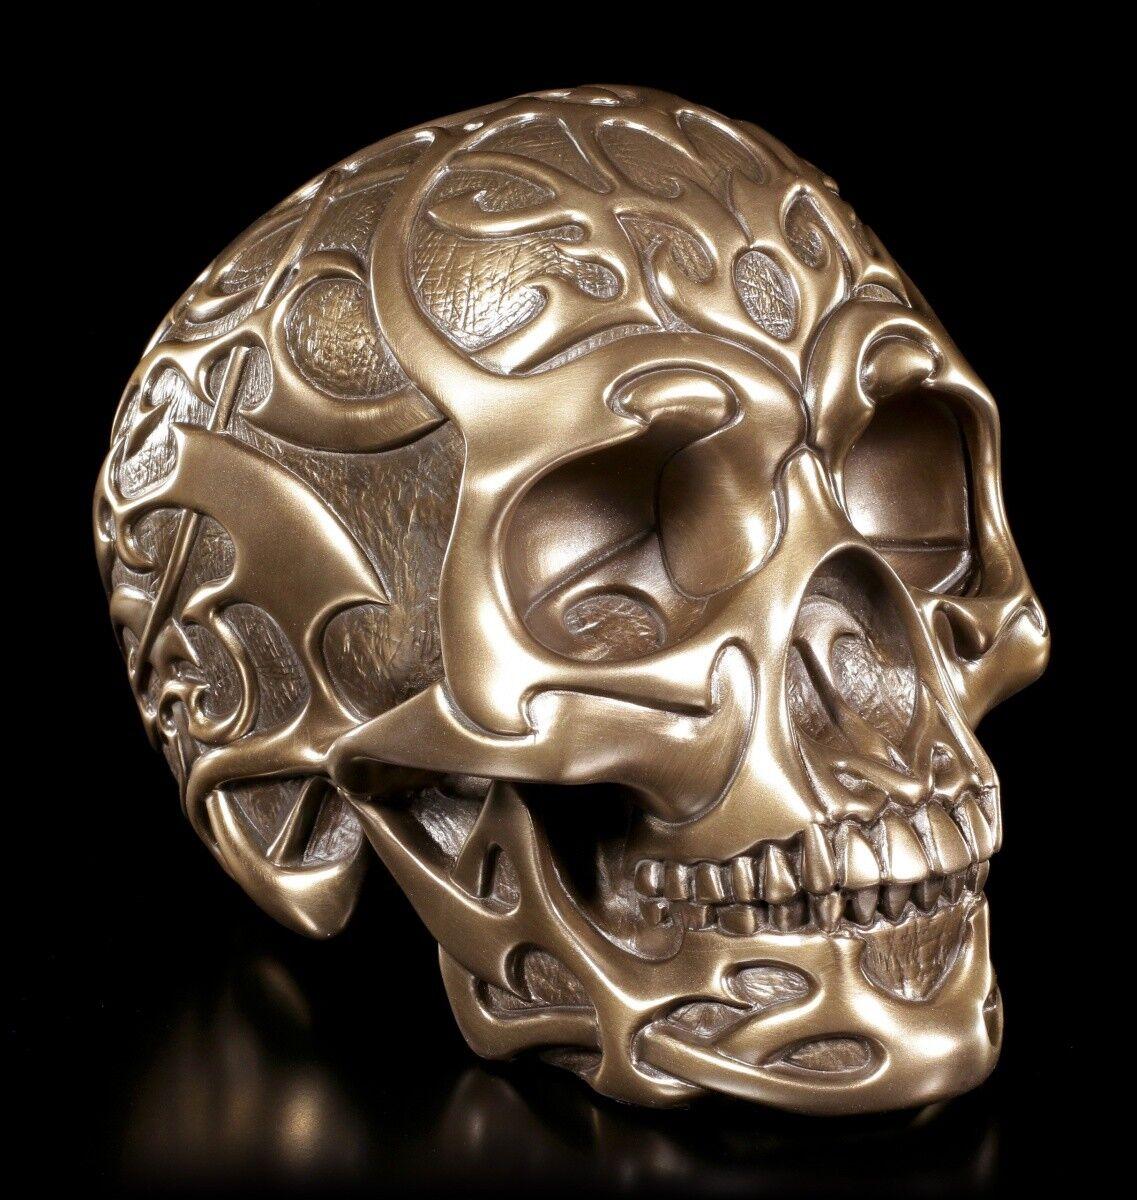 Tribal Skull - - - Bronzed - Design Clinic Skull Gothic be9ecc